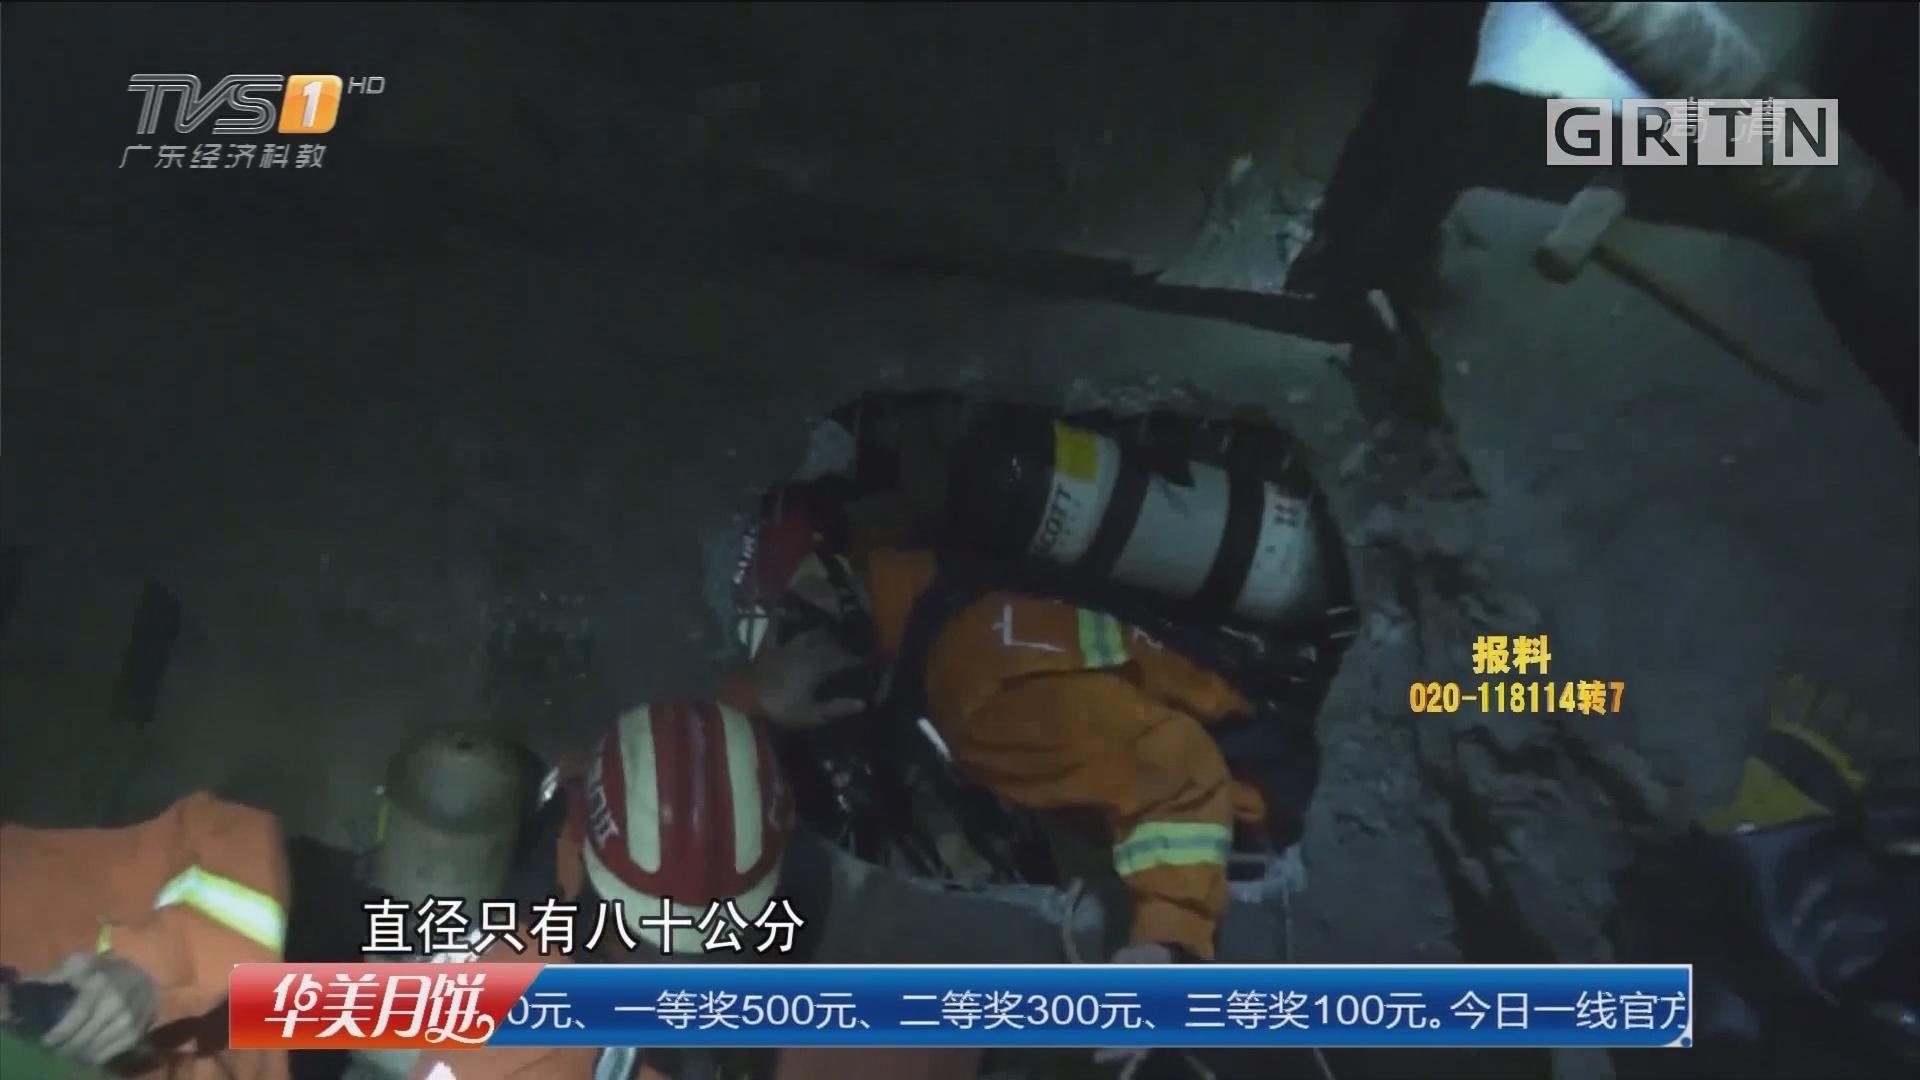 江门蓬江:两工人被困地下管道 消防涉险营救